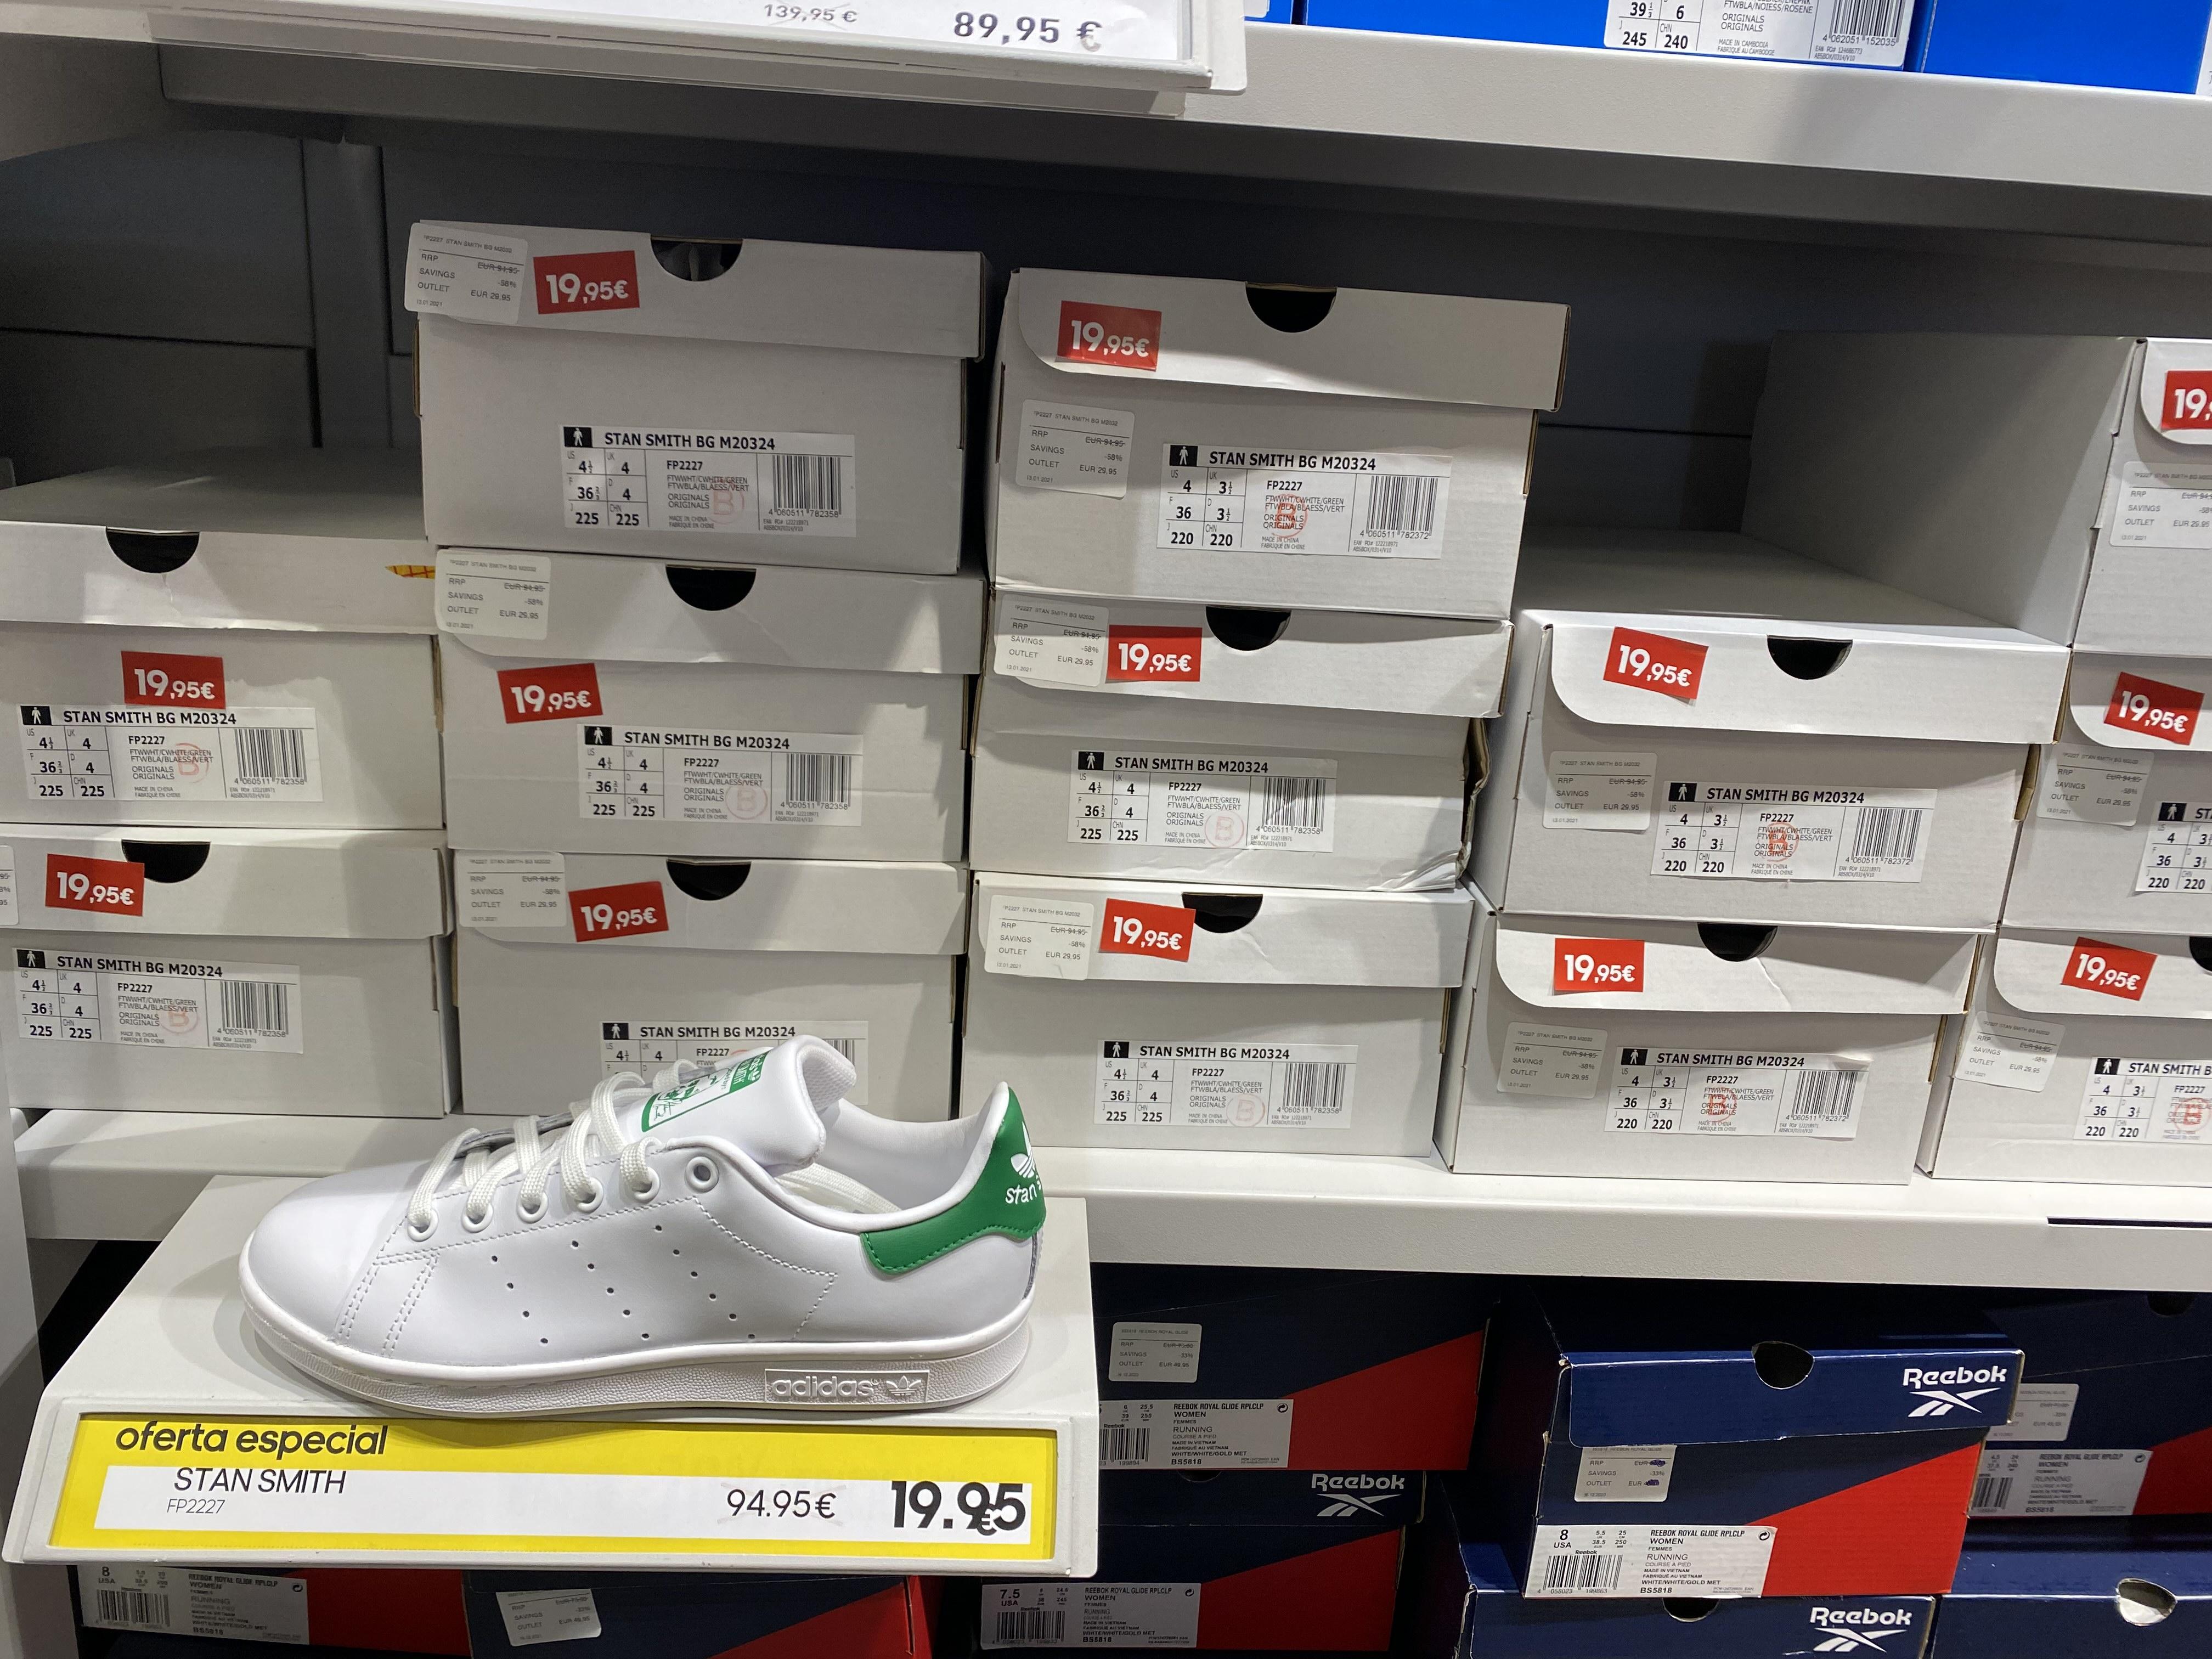 Adidas stan smith tallas 36 y 36,5 por 19,99€